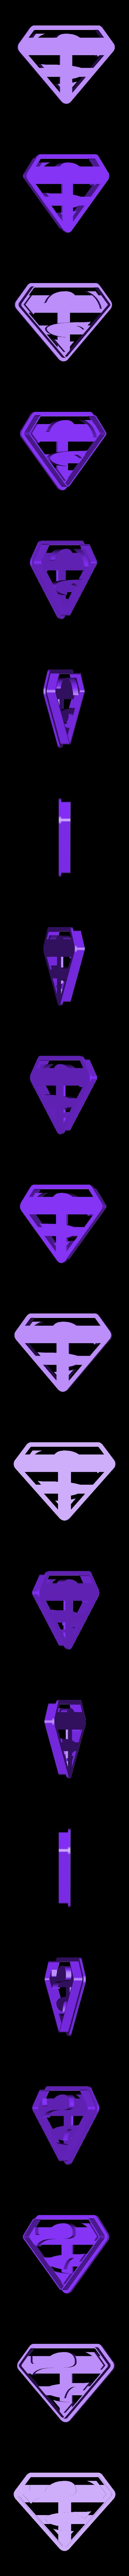 S de superman Grande.stl Télécharger fichier STL gratuit Logo de Superman sur les biscuits • Plan pour imprimante 3D, insua_lucas